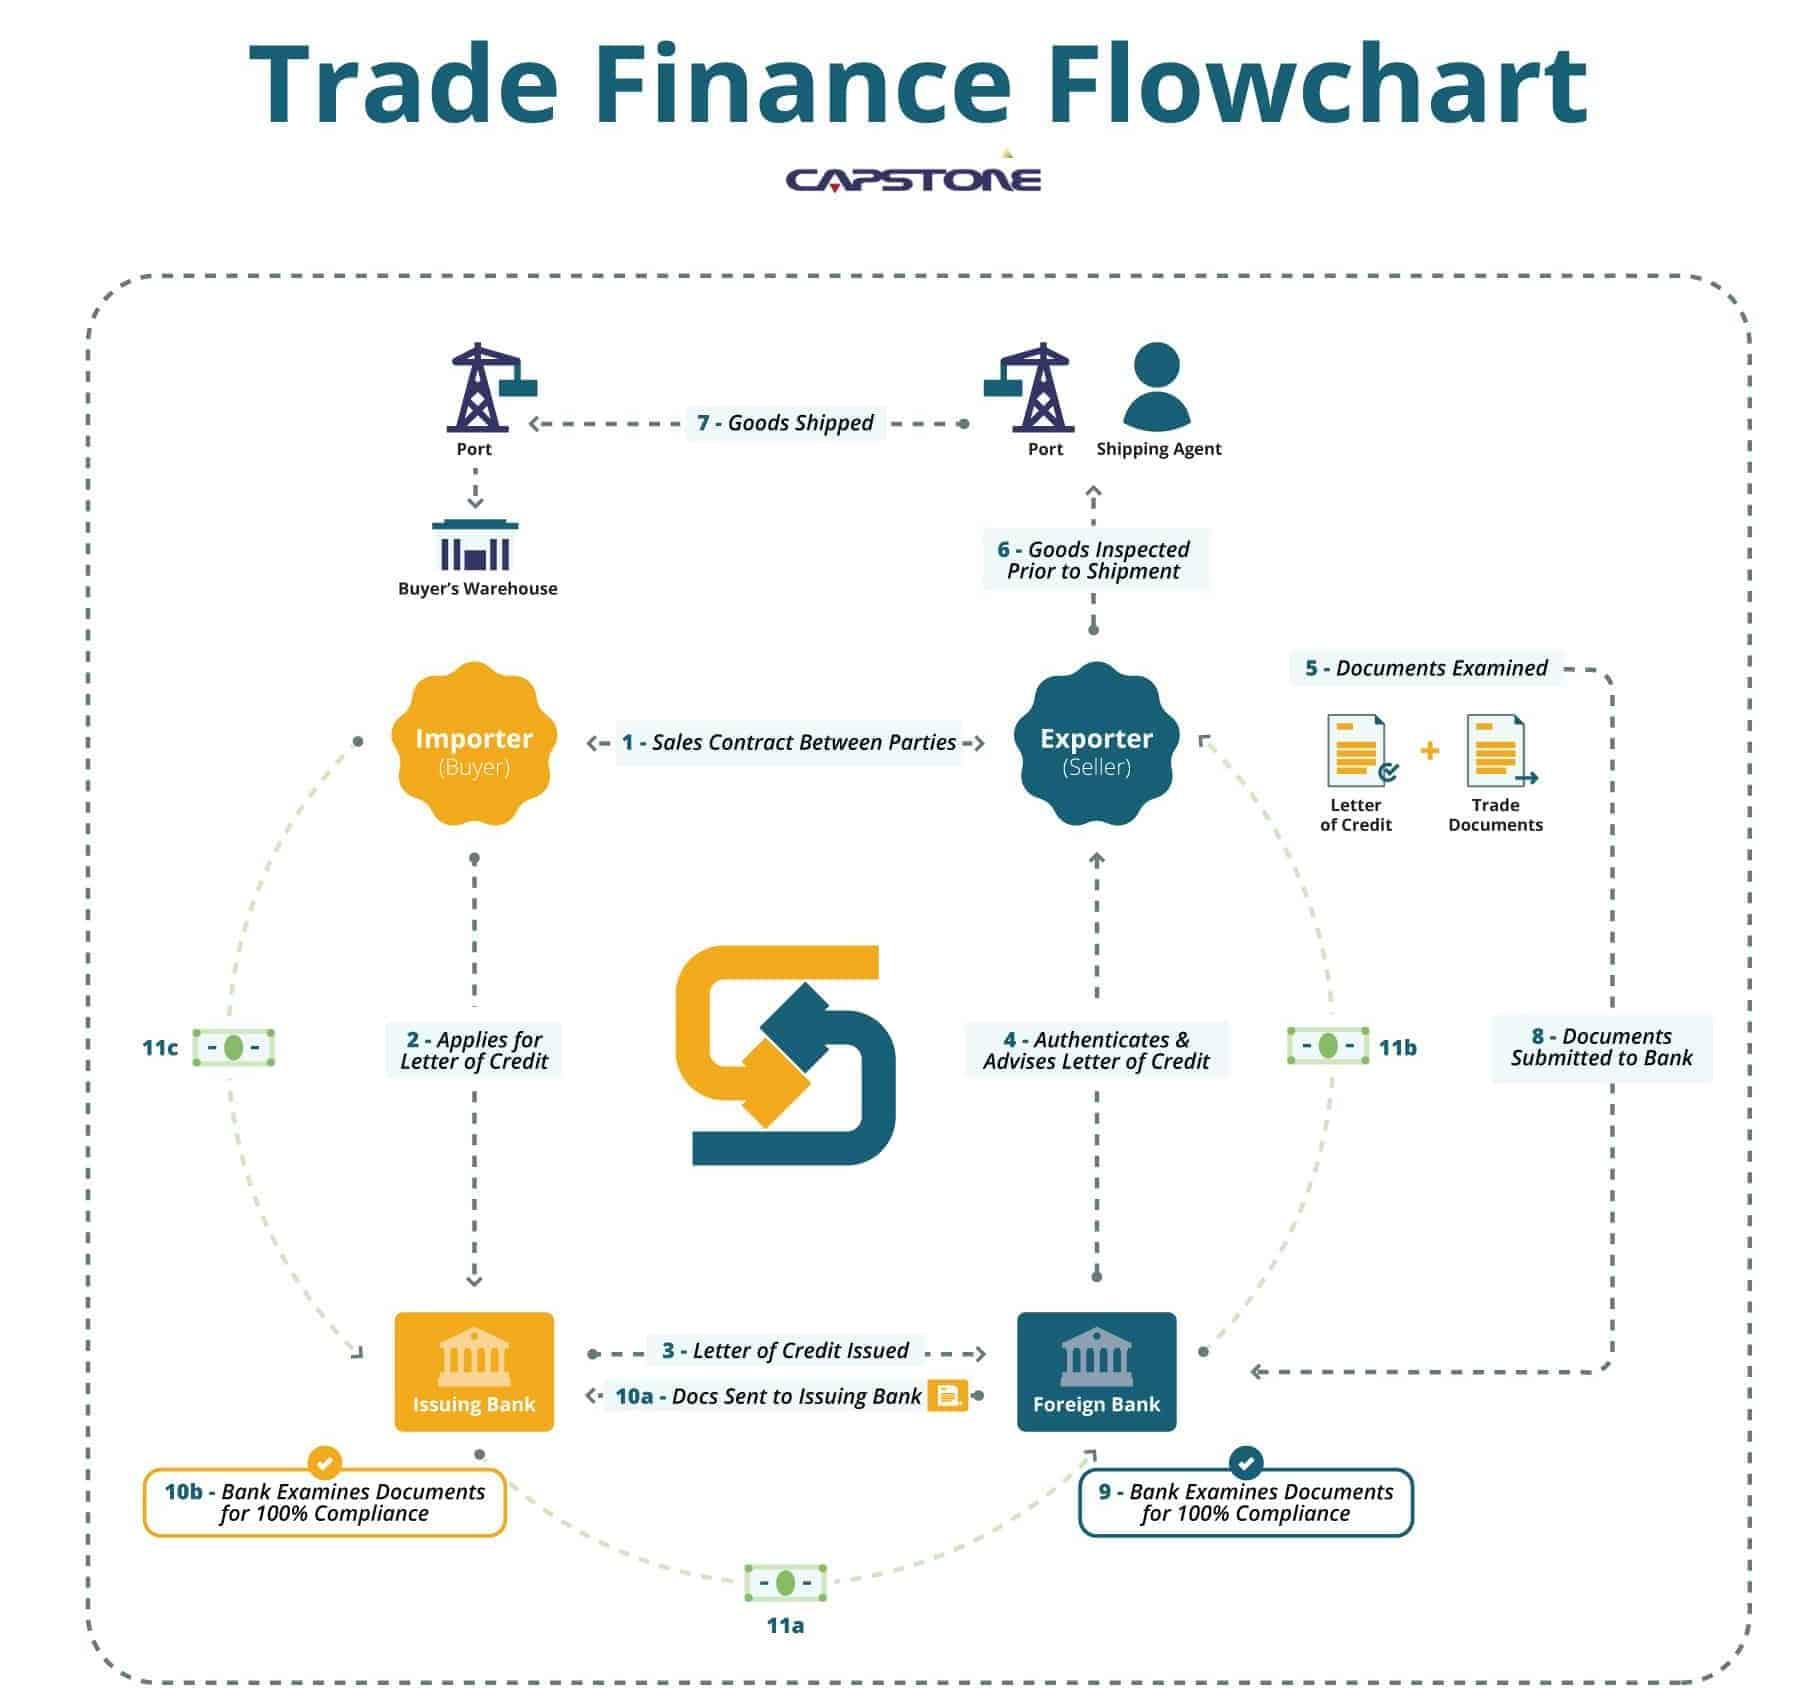 Trade Finance Process Flowchart